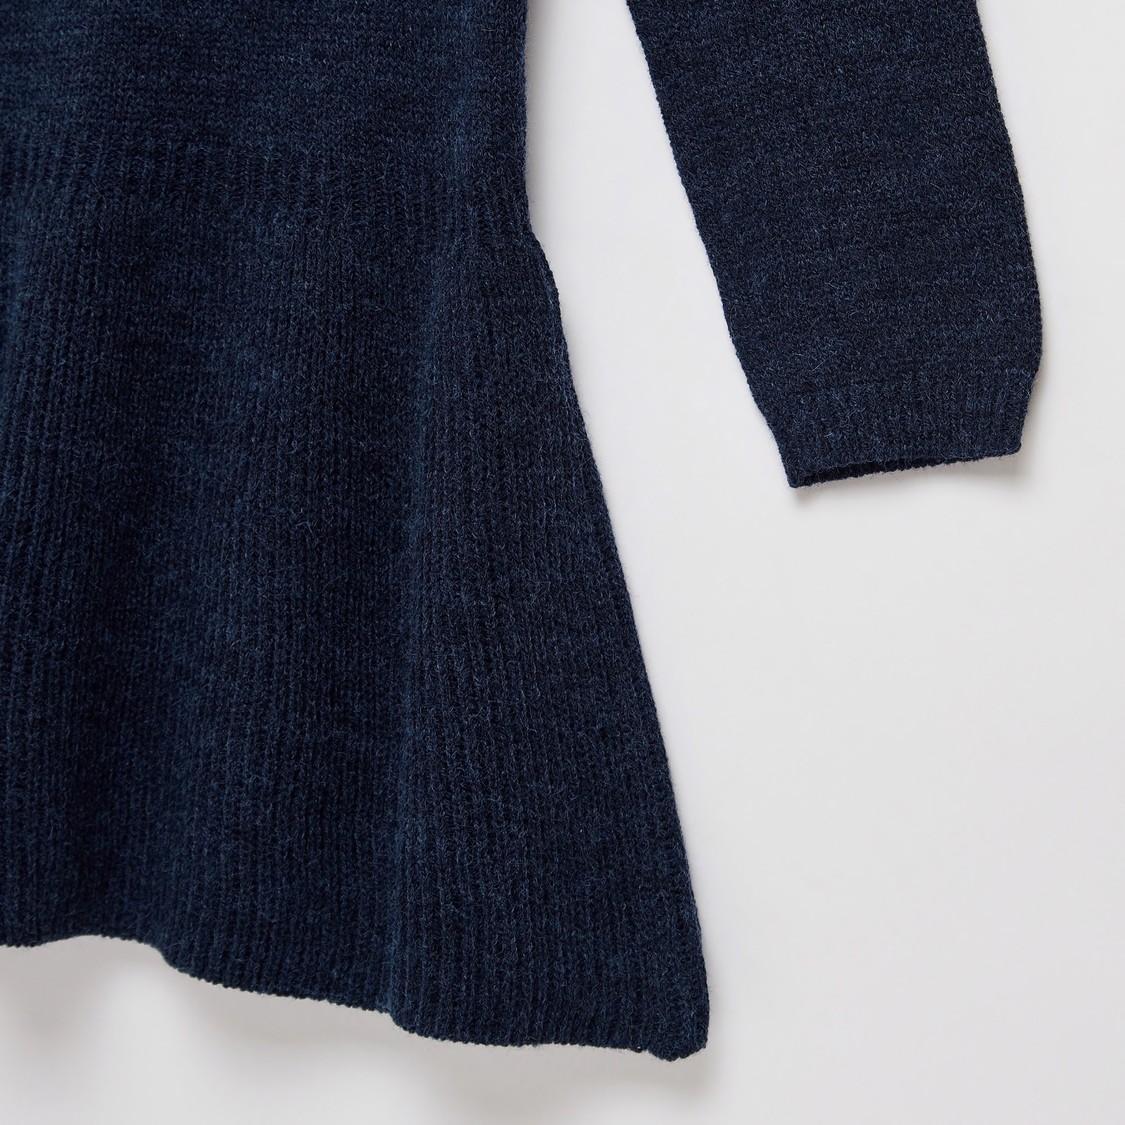 فستان كنزة كاروهات دائري بأكمام طويلة من فيريسل